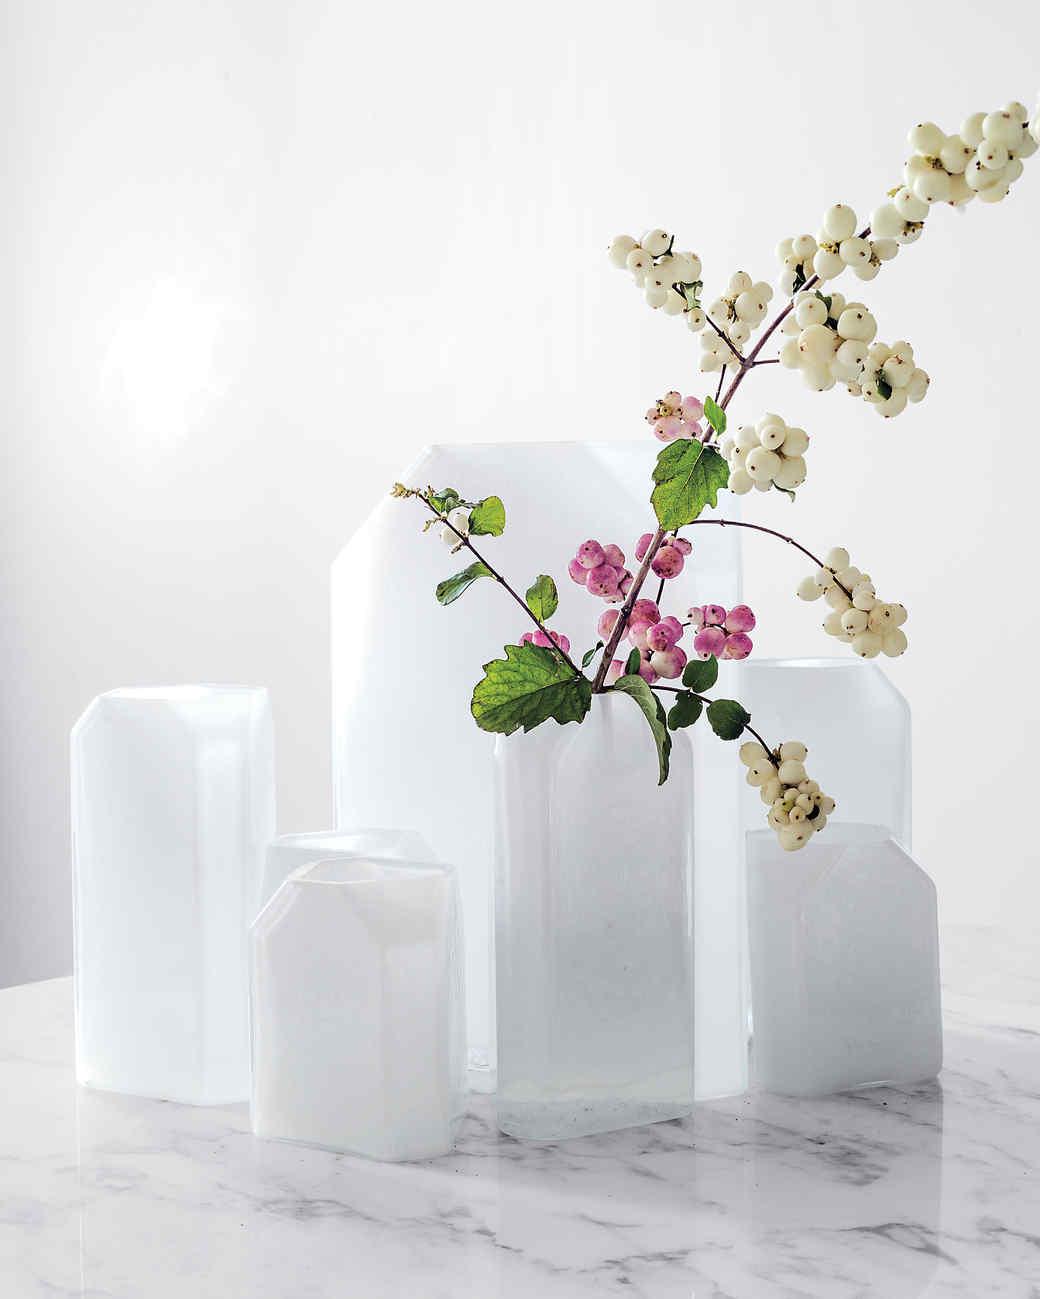 egg-collective-vase-035-d111630.jpg